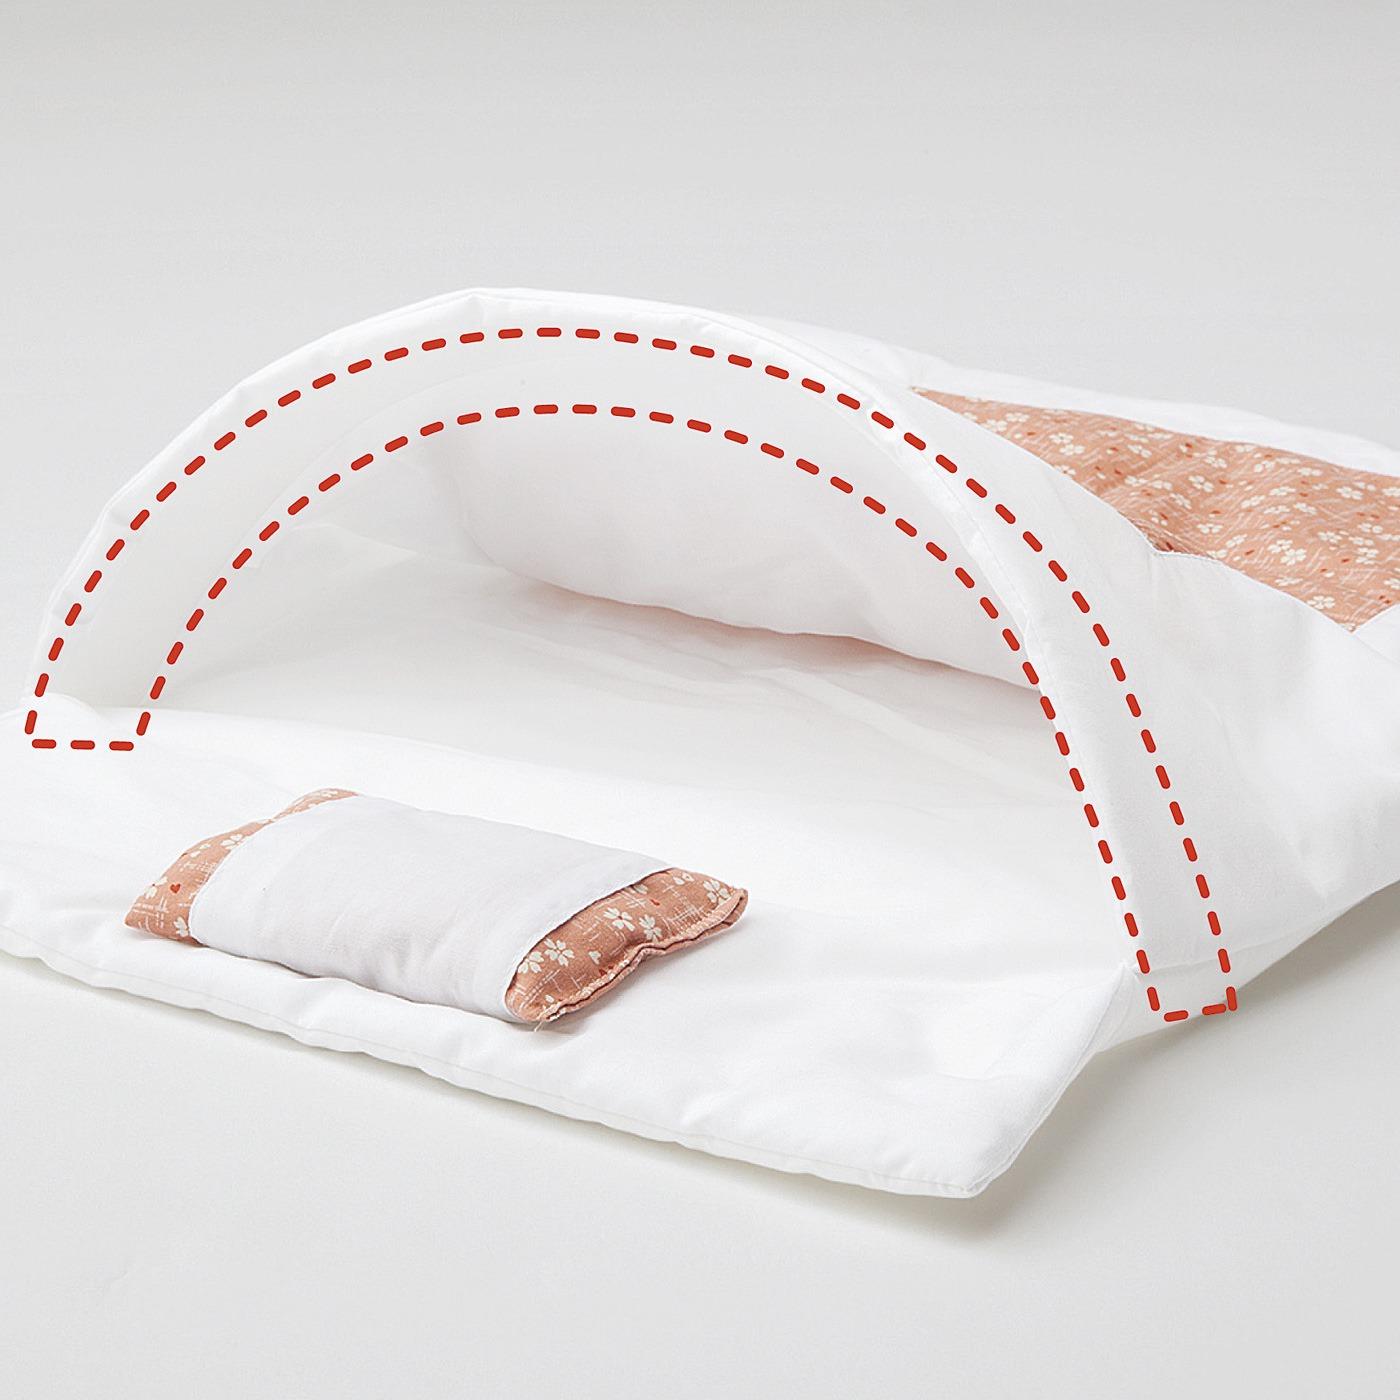 猫さんが入りたくなるよう、掛け布団の入り口に付属のプラスティックの芯を沿わせてアーチに。